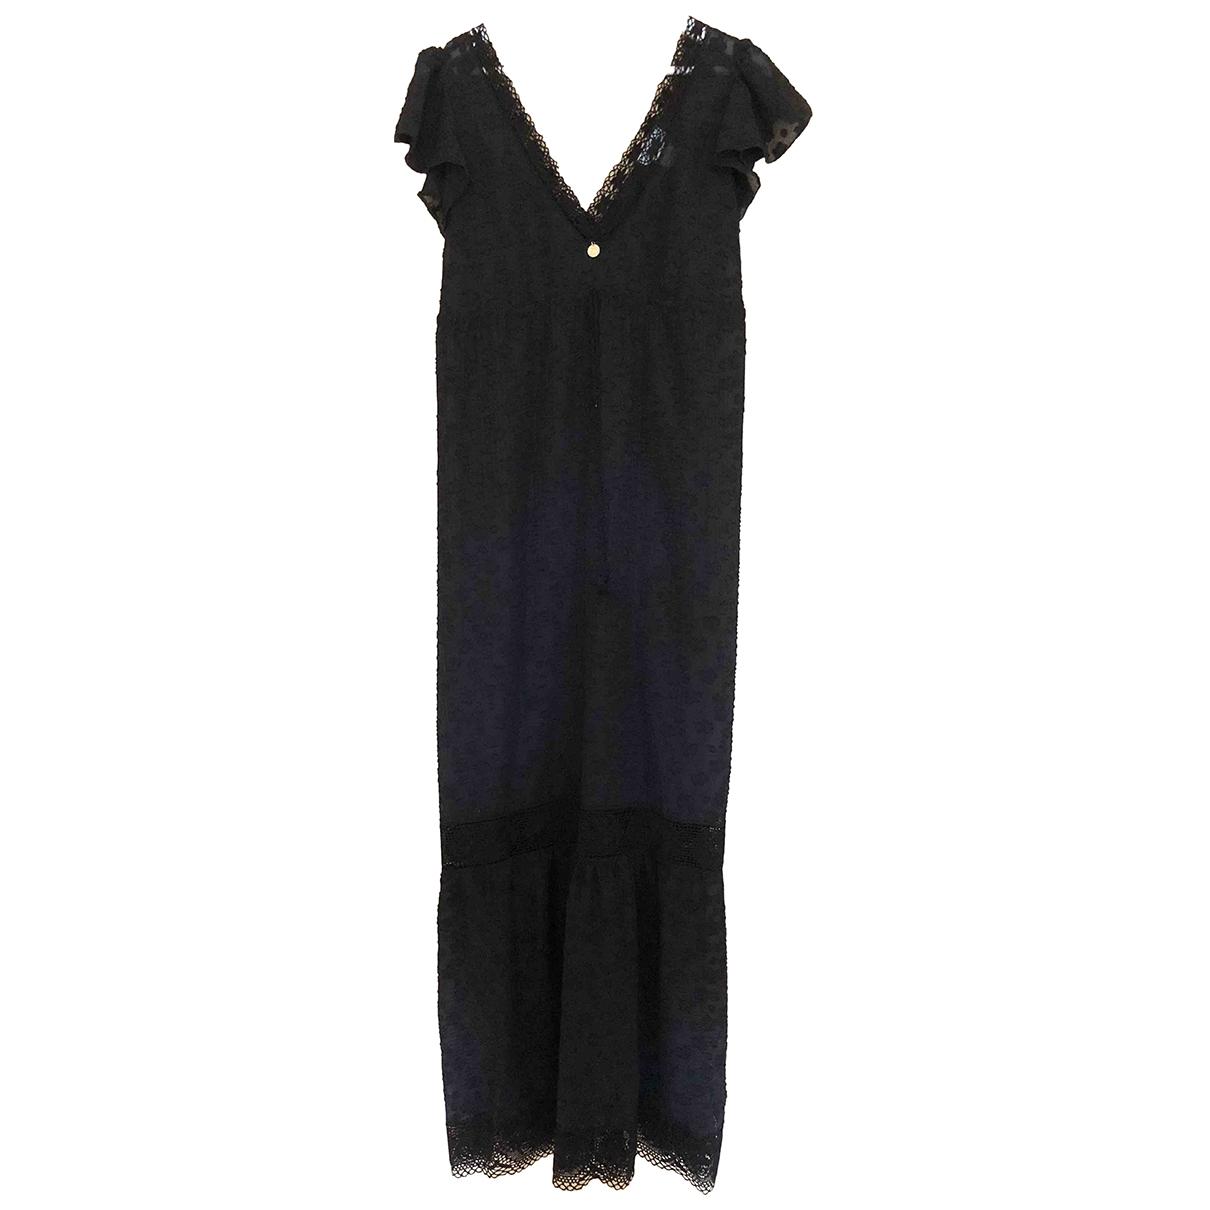 Blumarine \N Black dress for Women 42 IT